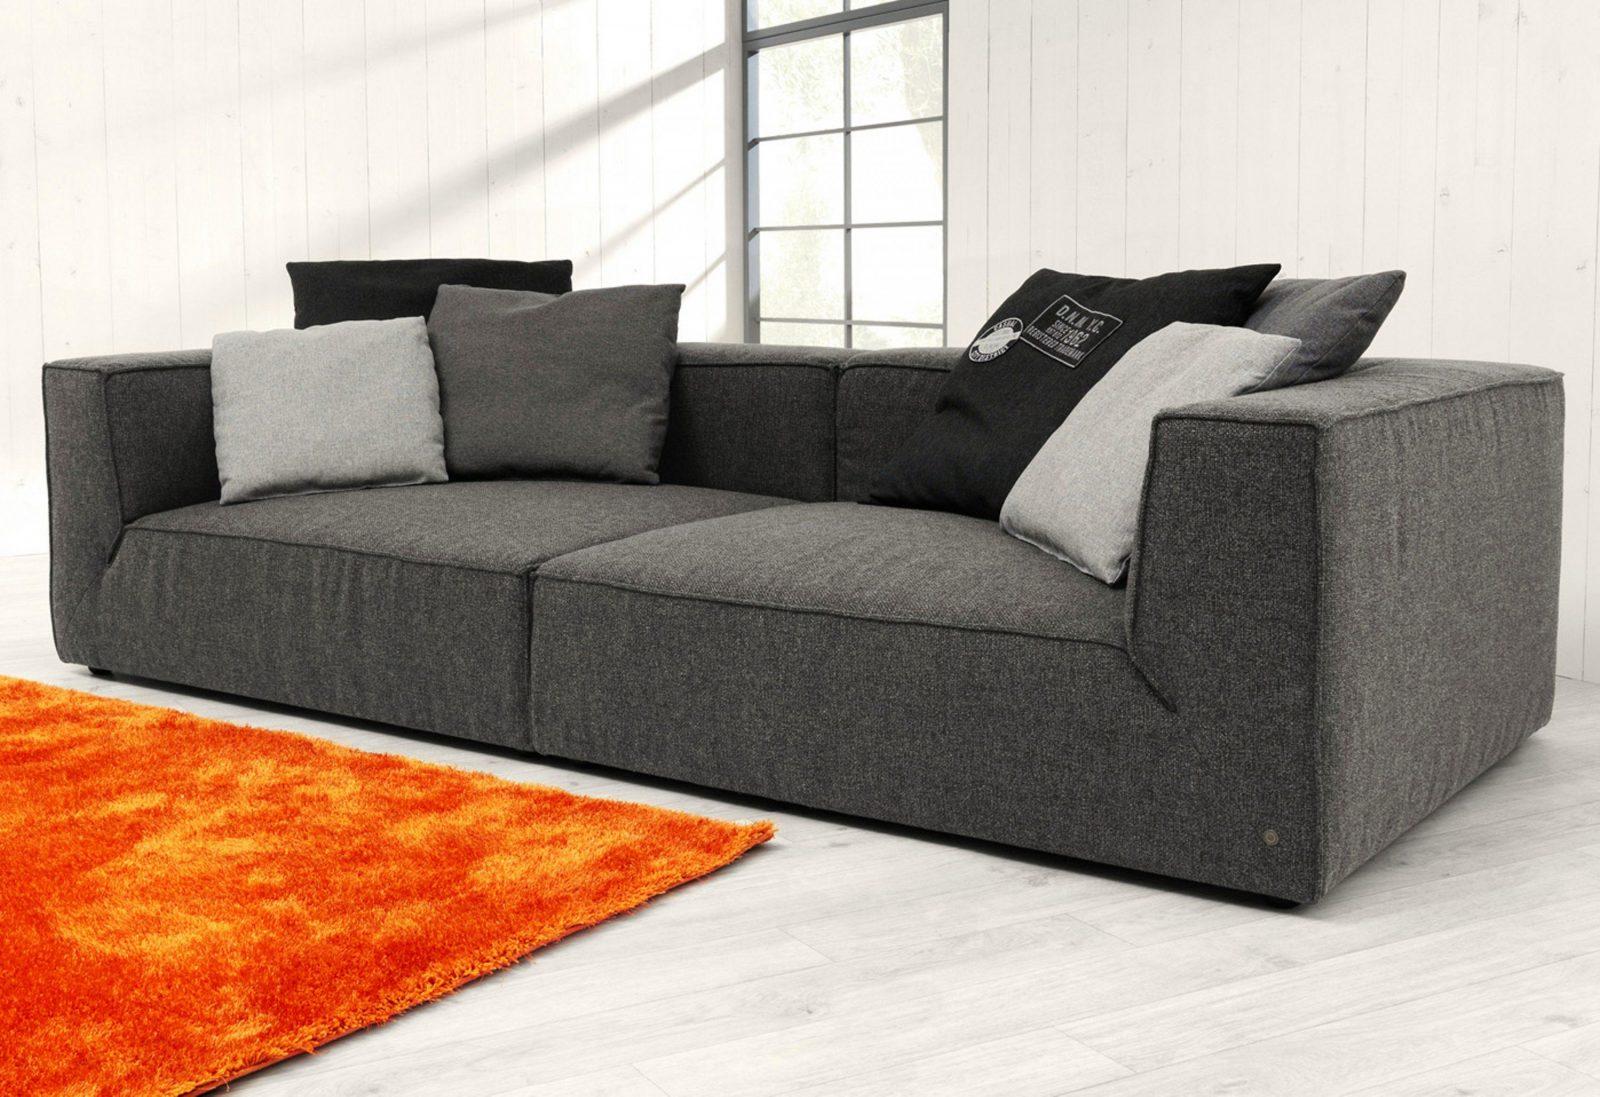 Big Sofa Xxl Poco Frische Ideen Für Möbel Die Möbel  Nt07 von Big Sofa Xxl Poco Bild